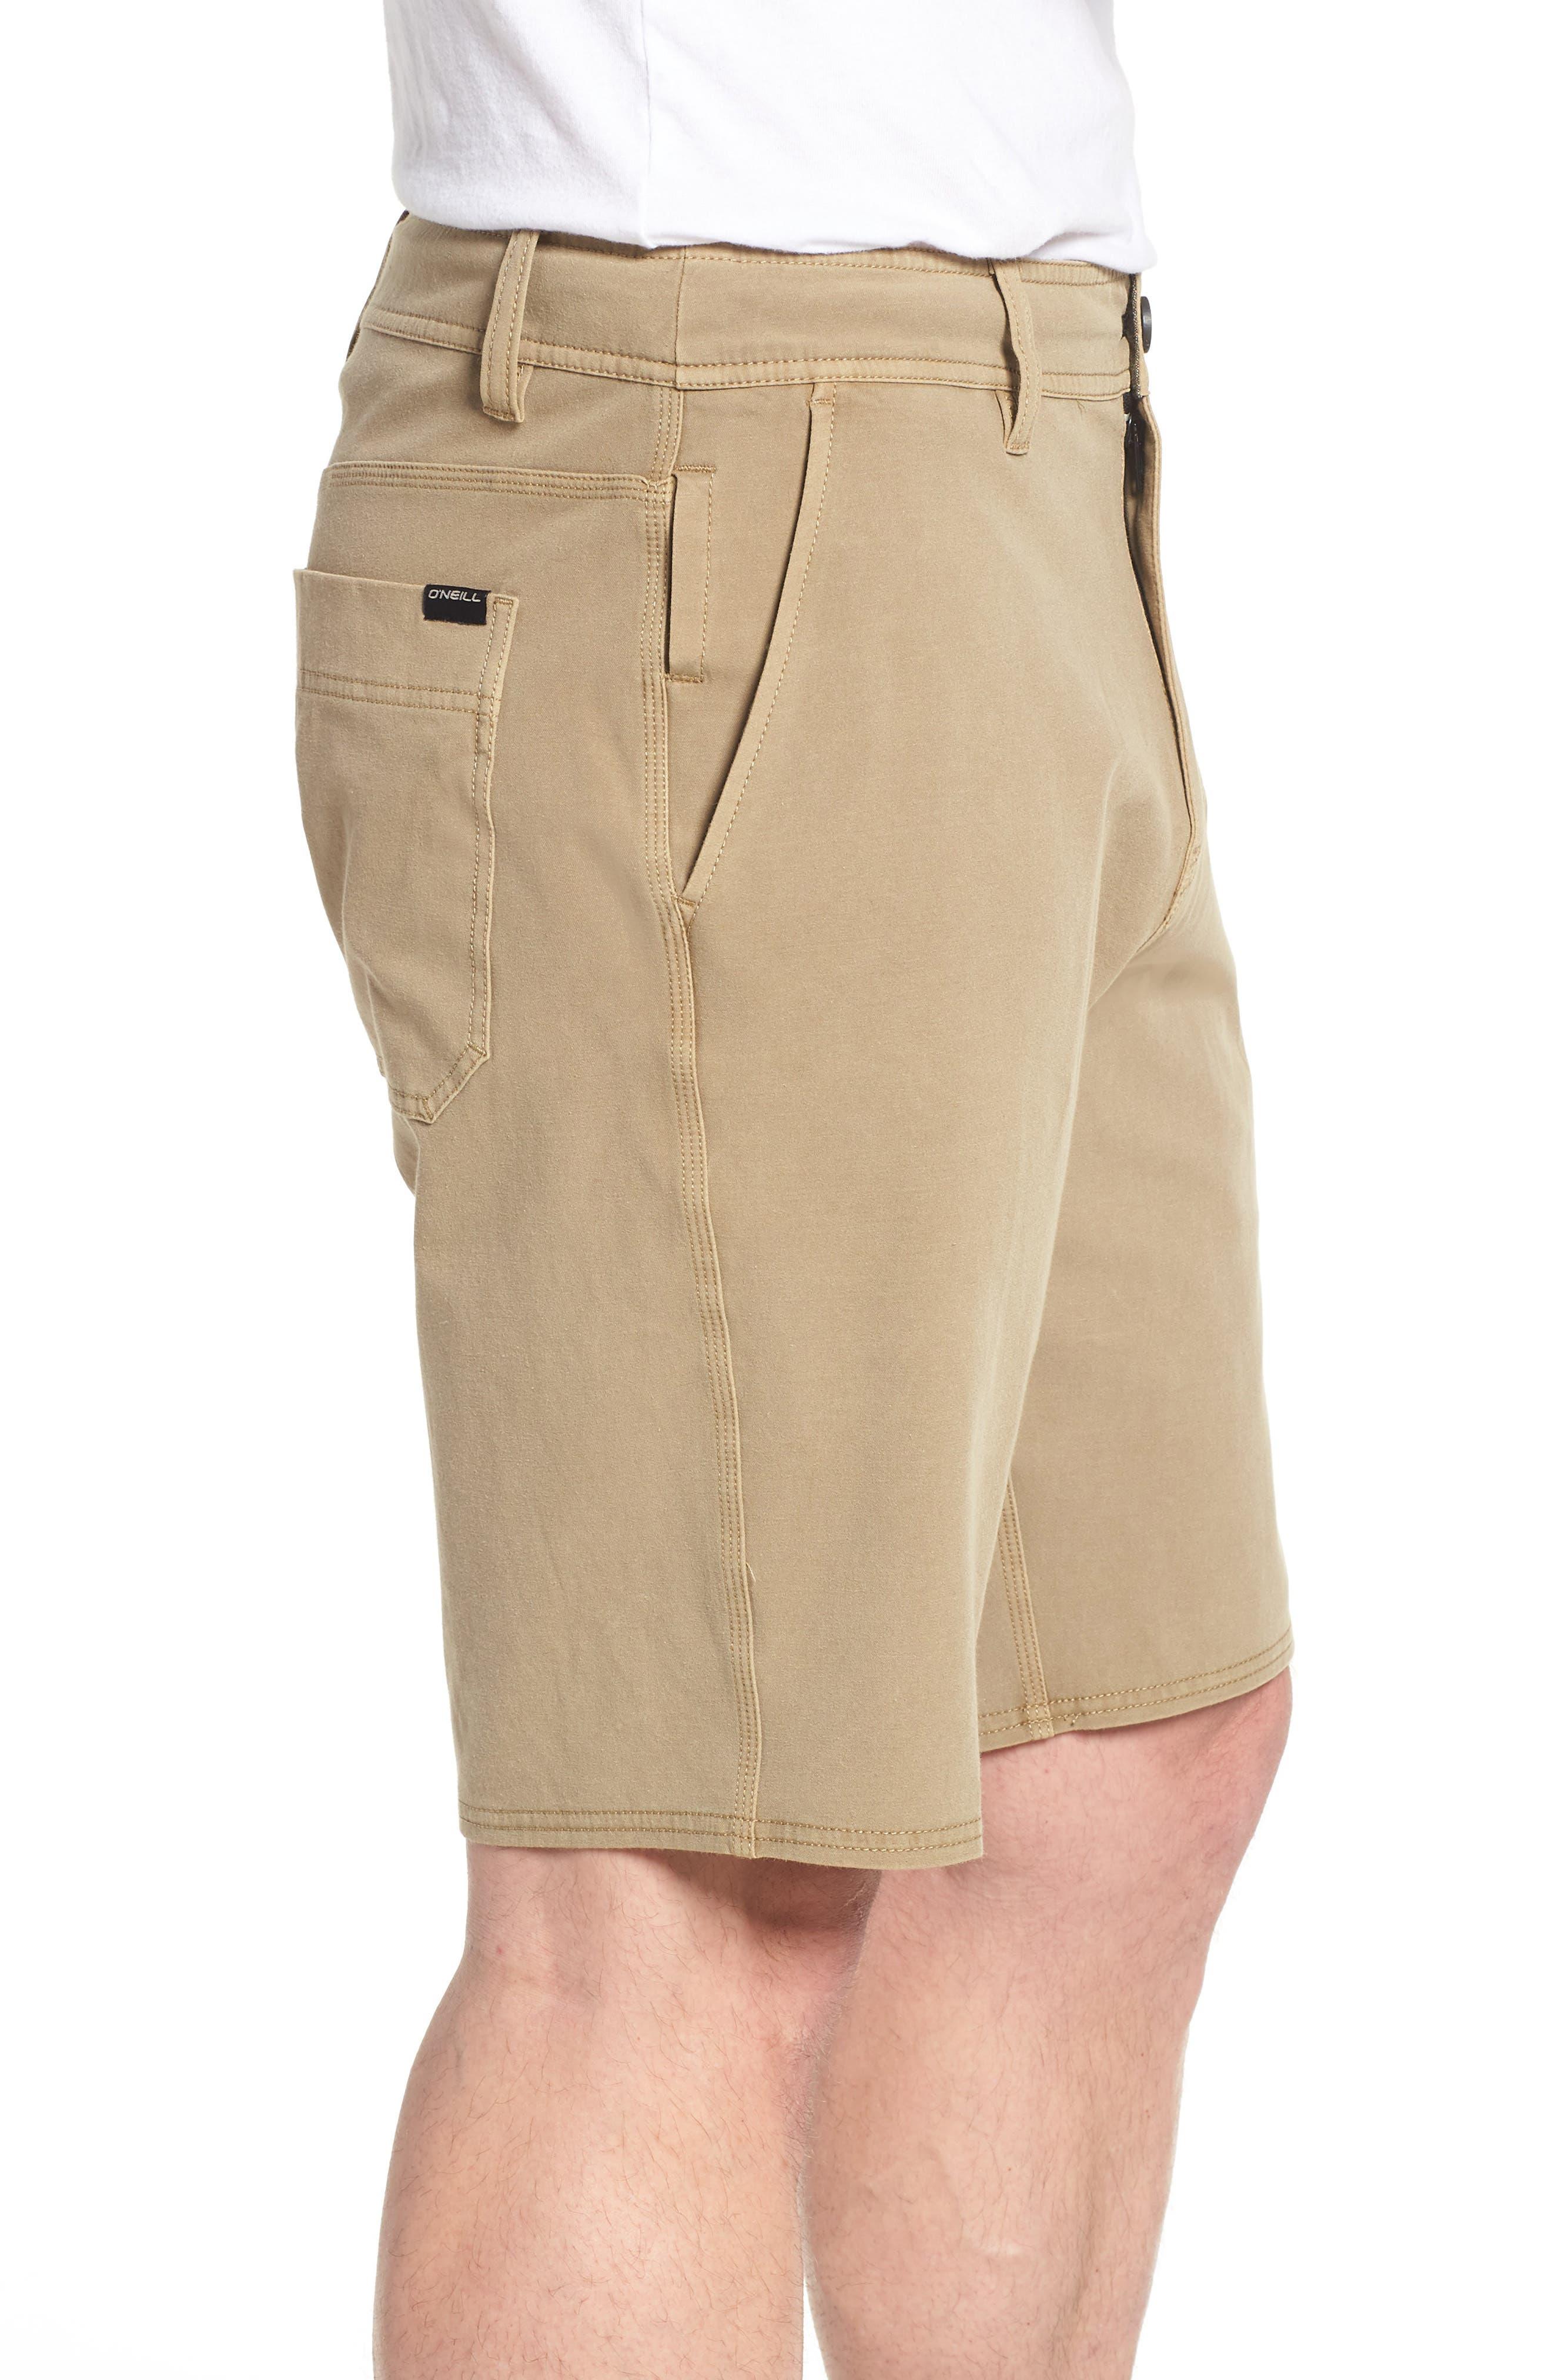 Venture Overdye Hybrid Shorts,                             Alternate thumbnail 3, color,                             Khaki